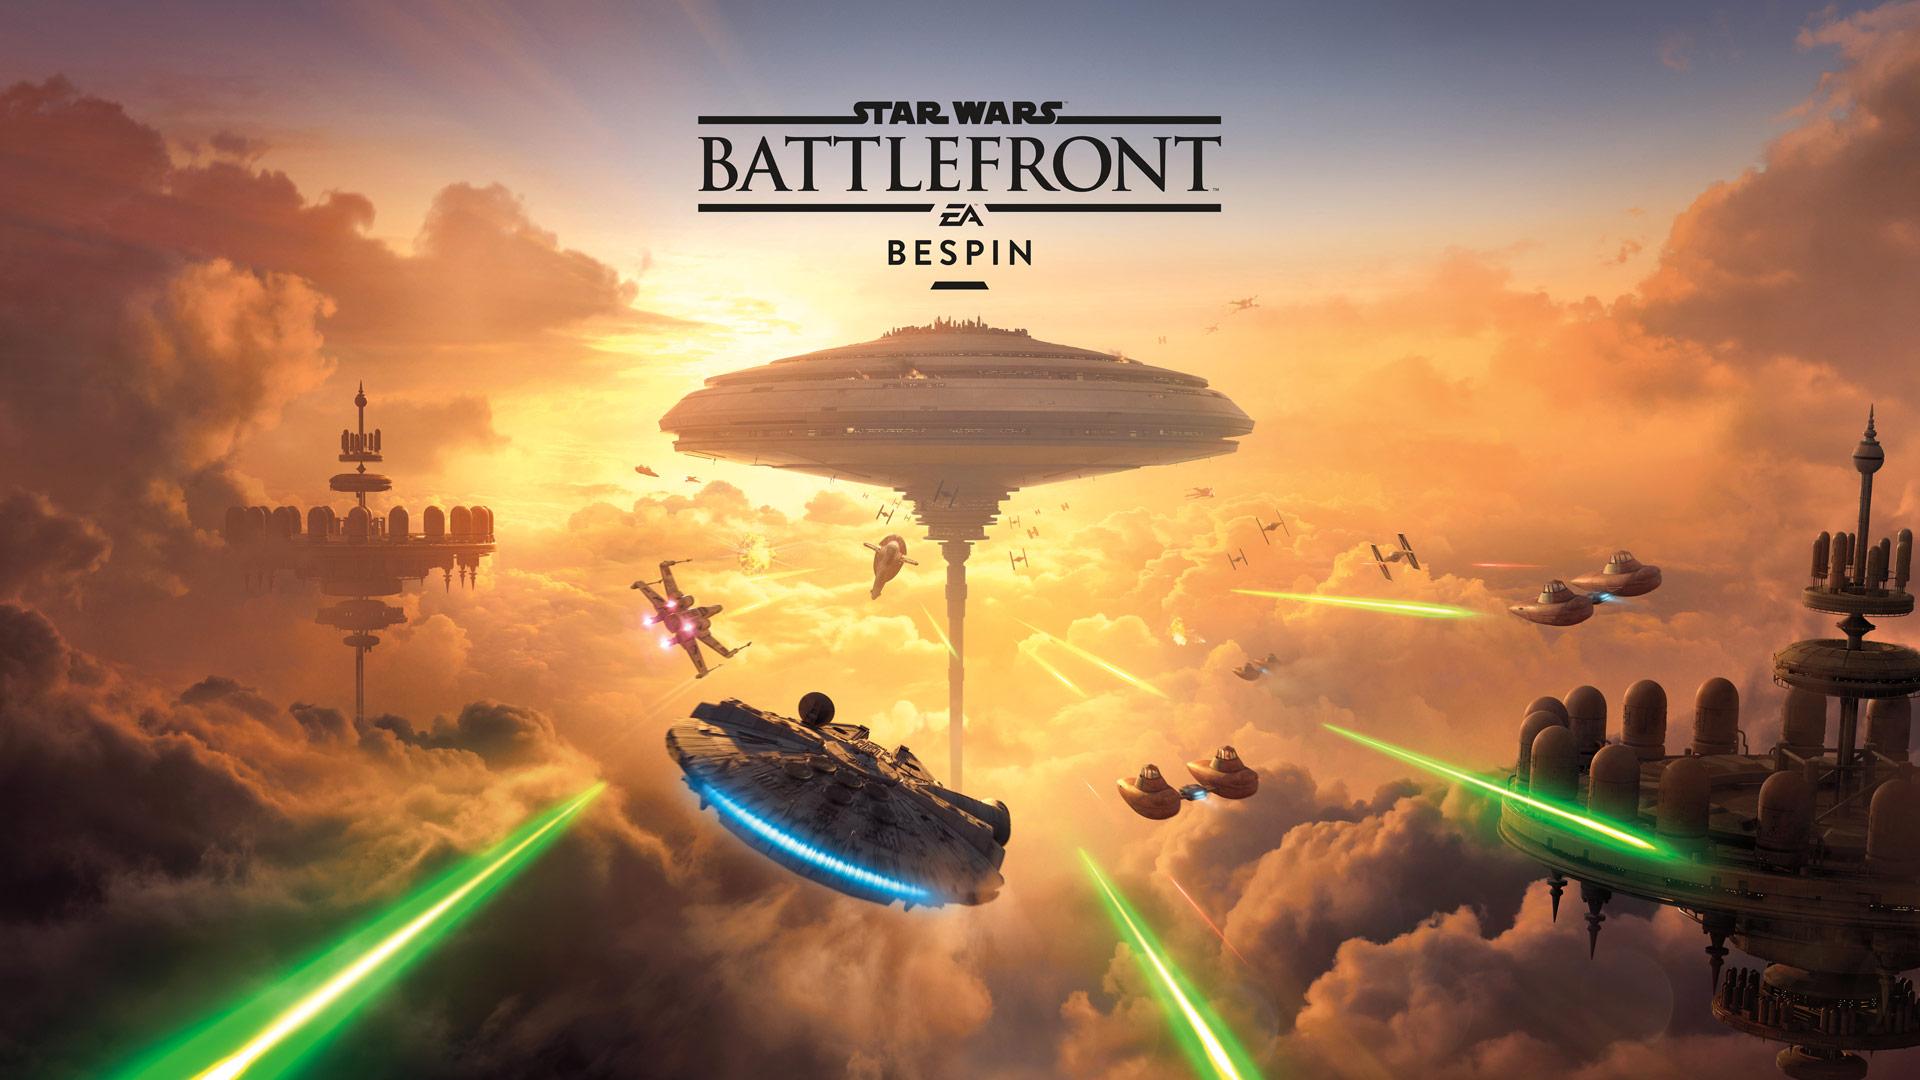 Star Wars: Battlefront  Wolkenstadt DLC Bespin derzeit kostenlos spielbar bis zum 18. September 2016 [PC, Xbox One und PS4]